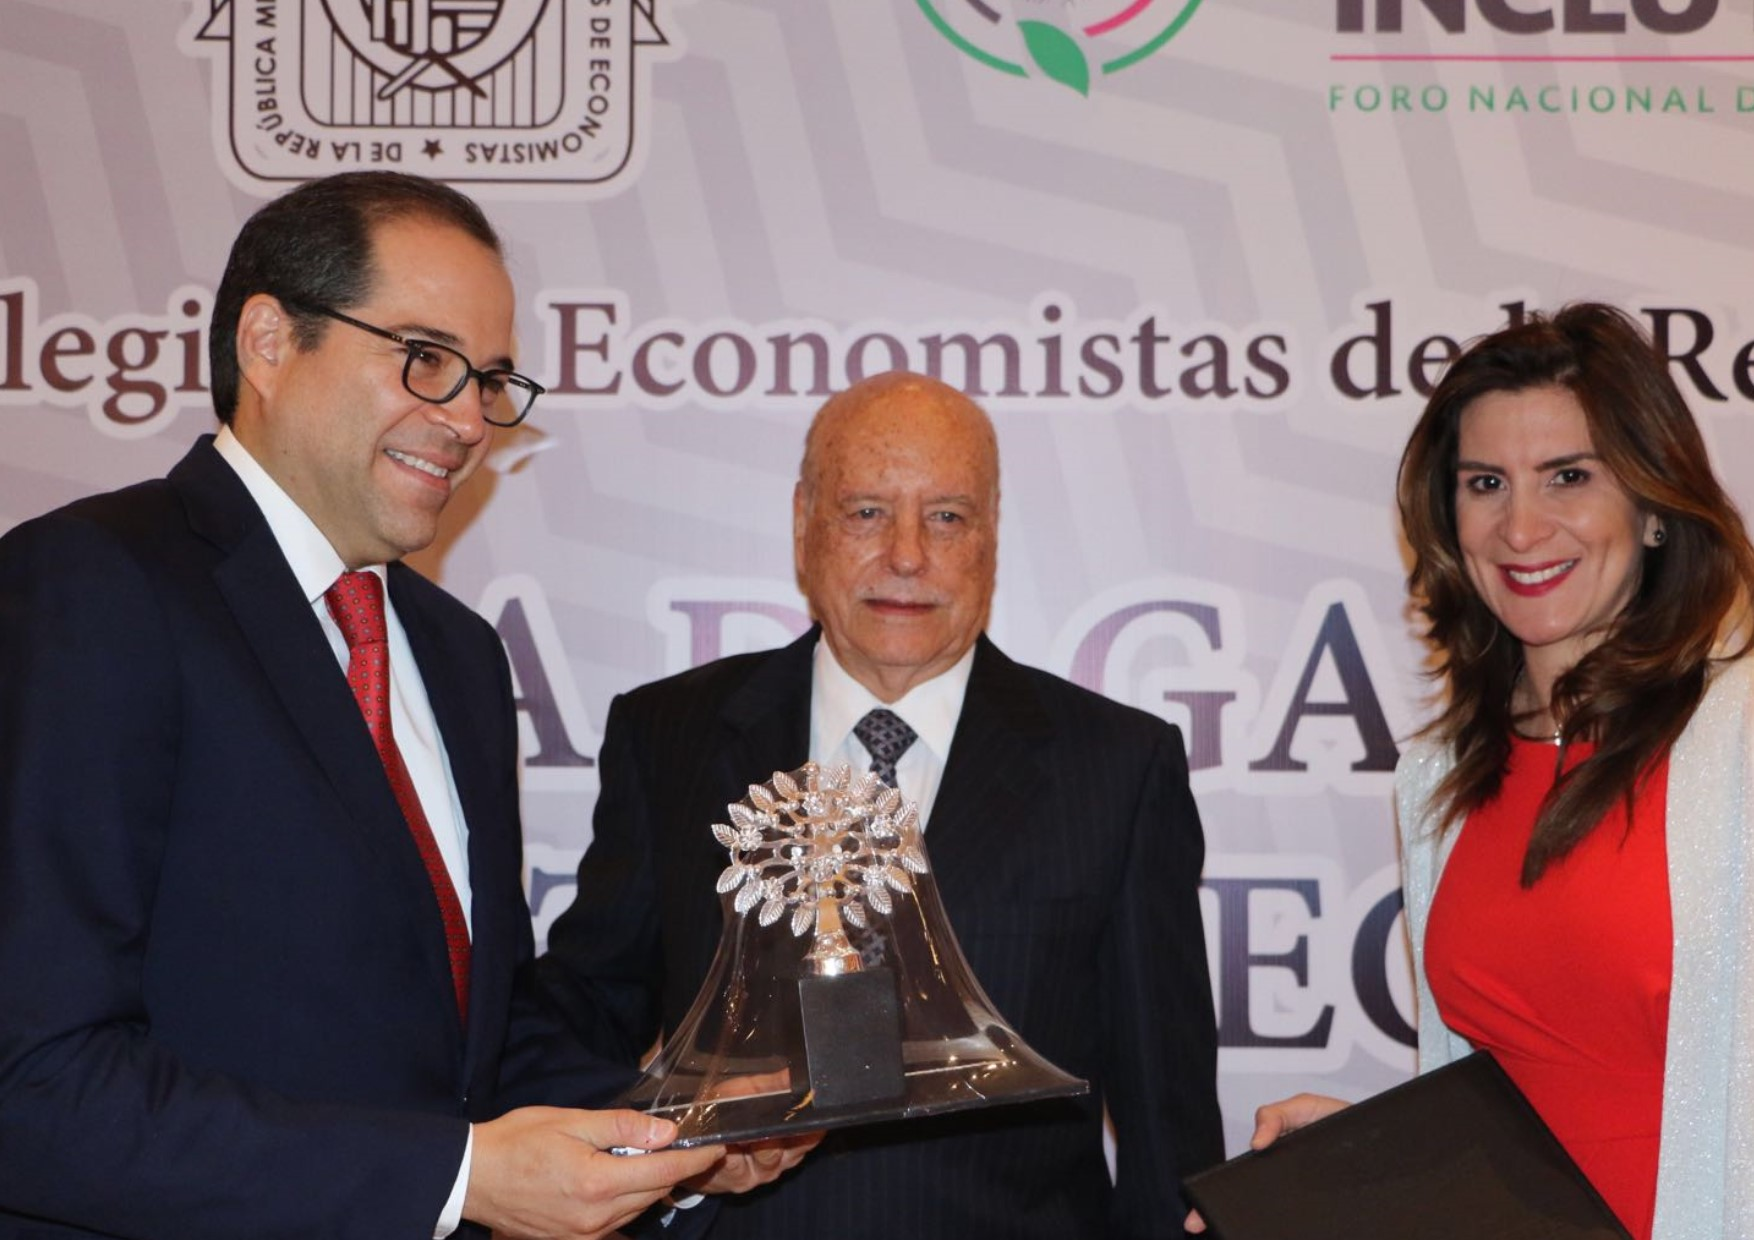 Federación de Economistas Reconoce al Gobernador